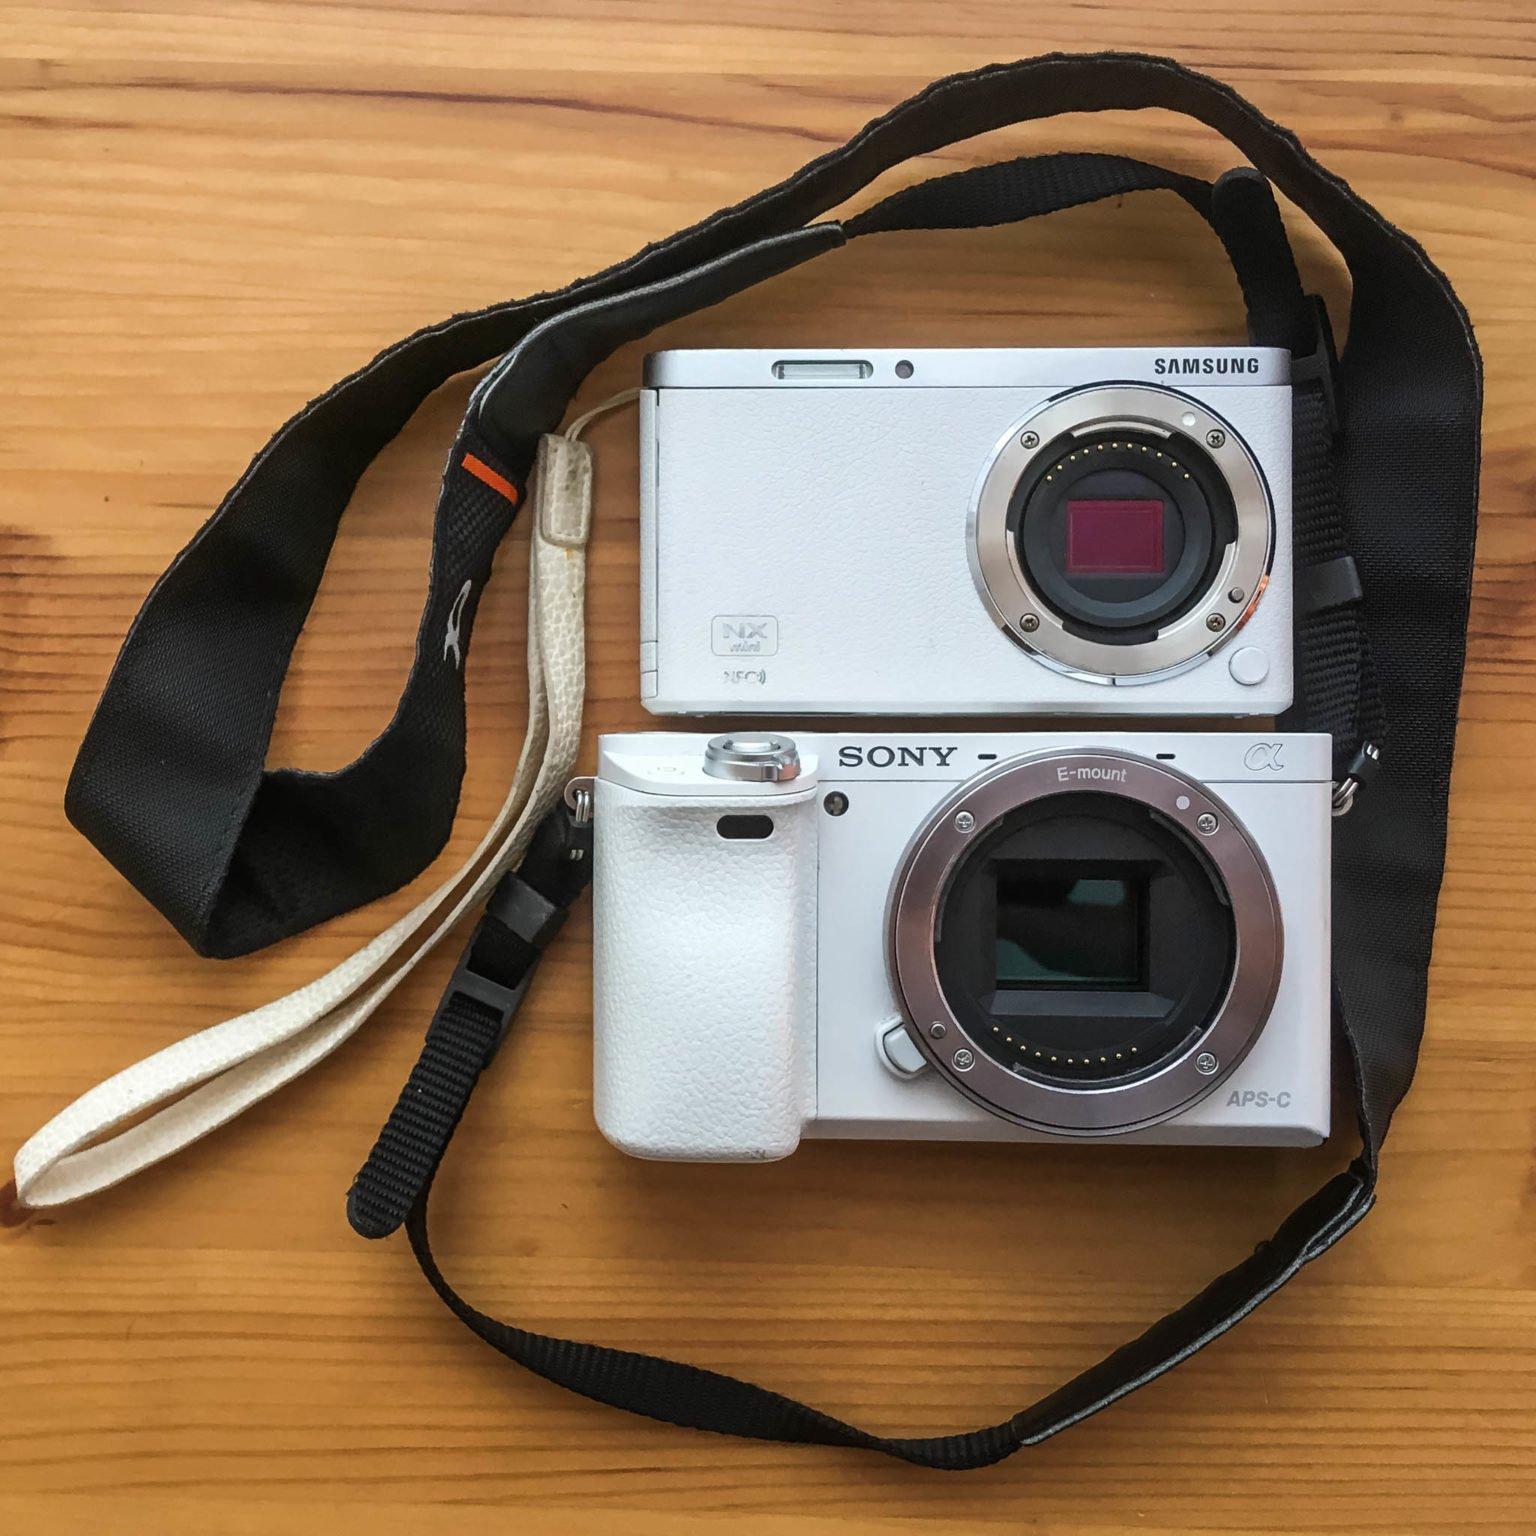 Systemkameras mit unterschiedlicher Sensor-Grösse